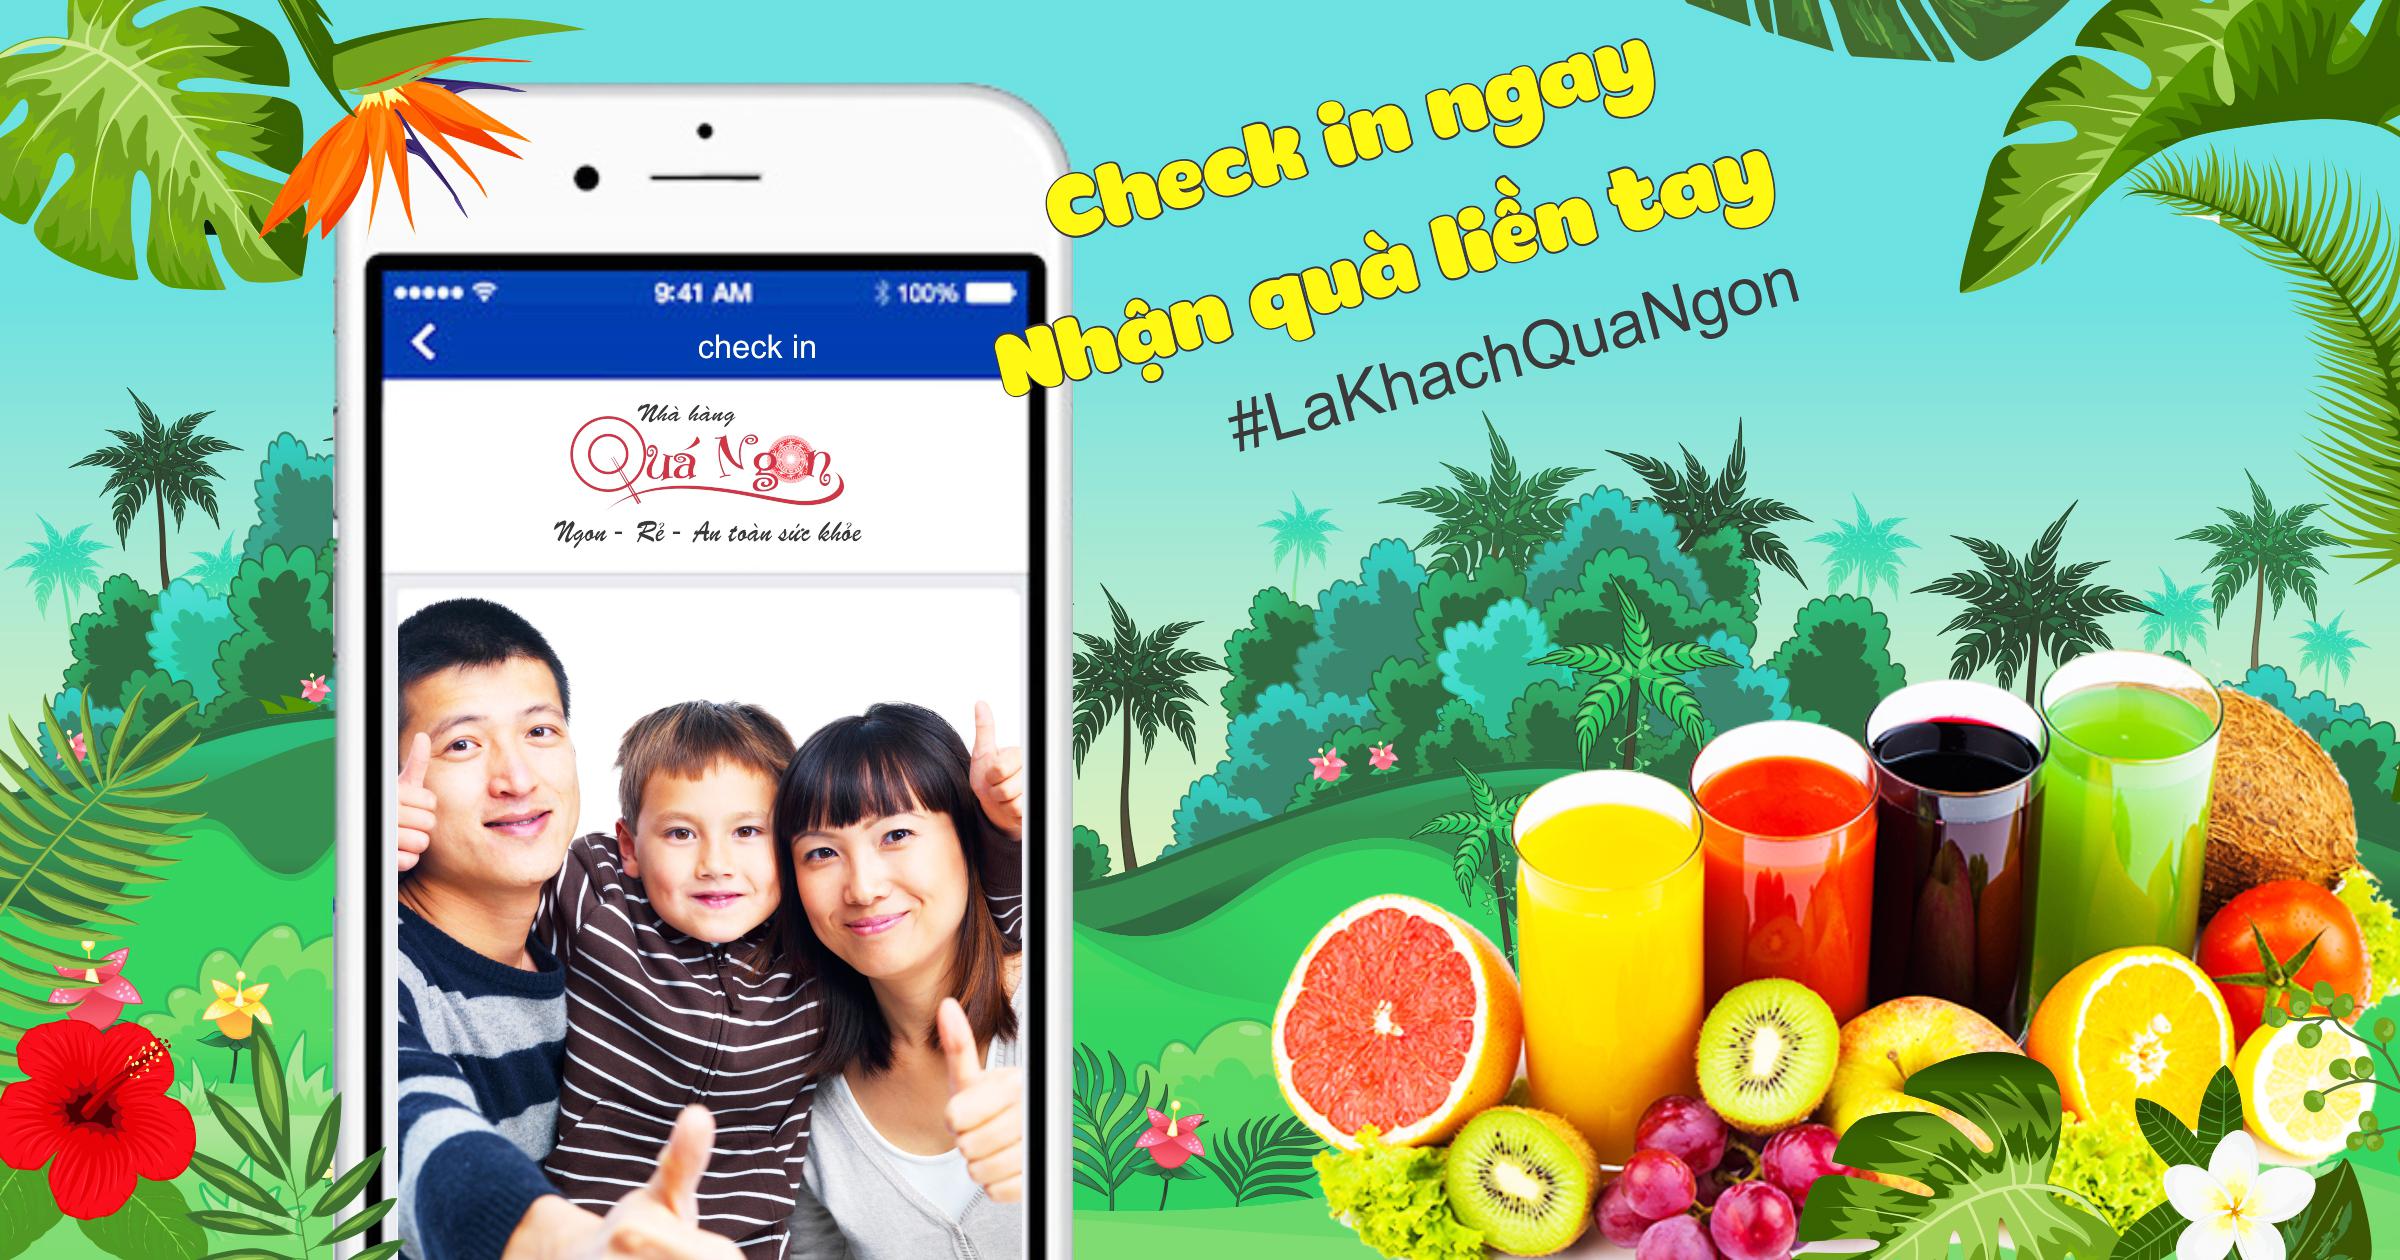 Chương trình khuyến mãi #Lakhachquangon